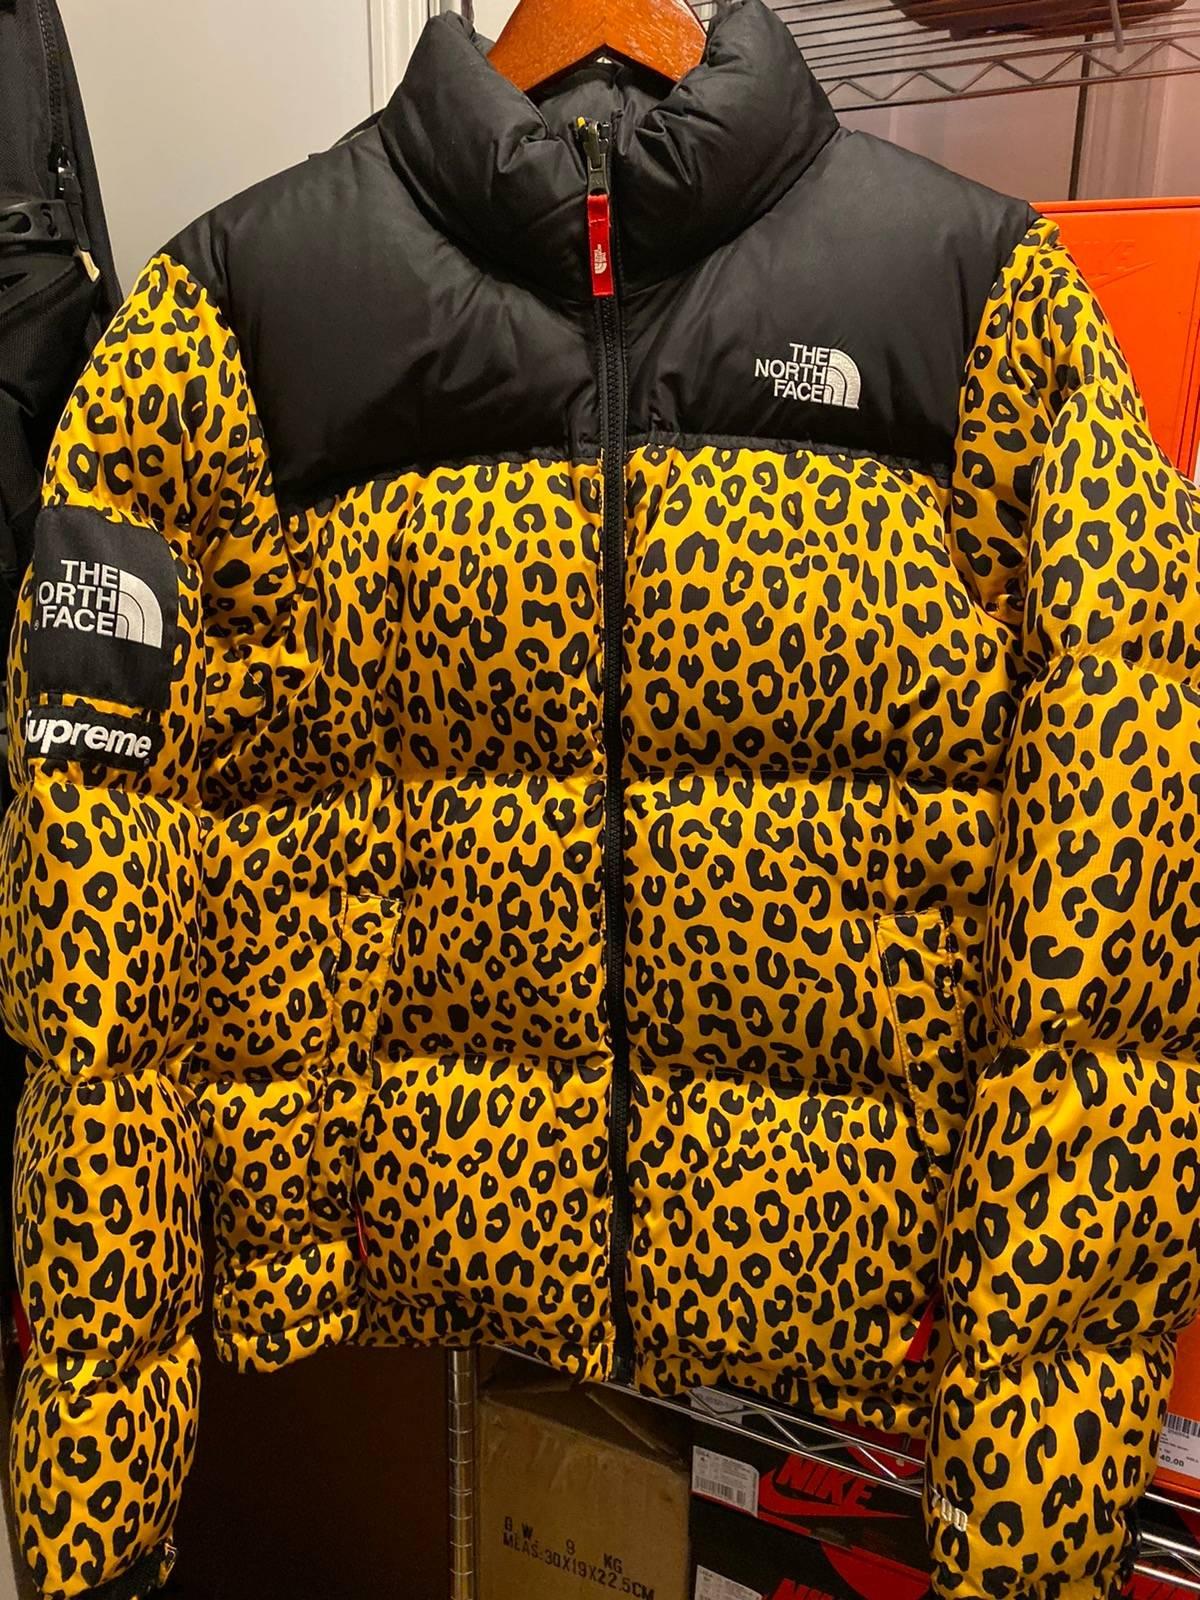 Supreme Supreme The North Face Leopard Nuptse Yellow Medium | Grailed